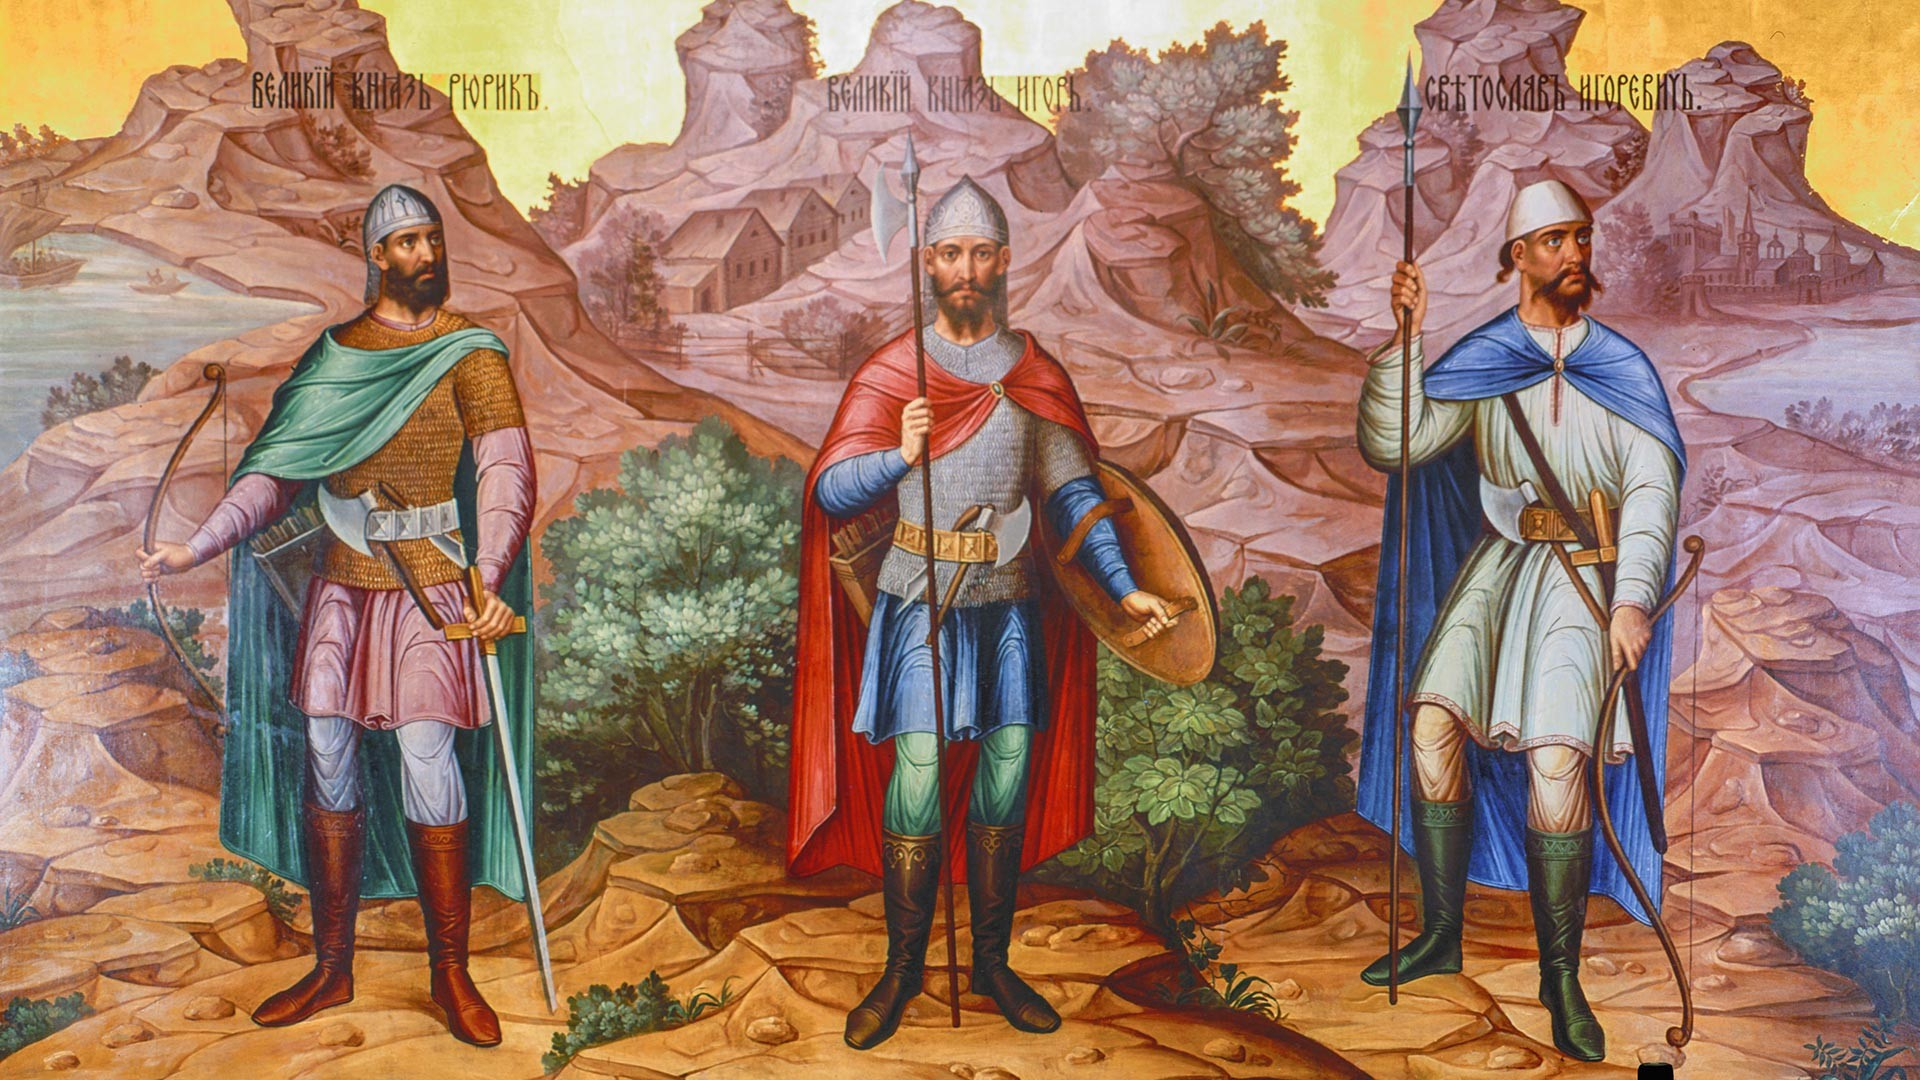 クレムリンに描かれたリューリク、イーゴリ1世、イーホル・スヴャトスラーヴィチの肖像